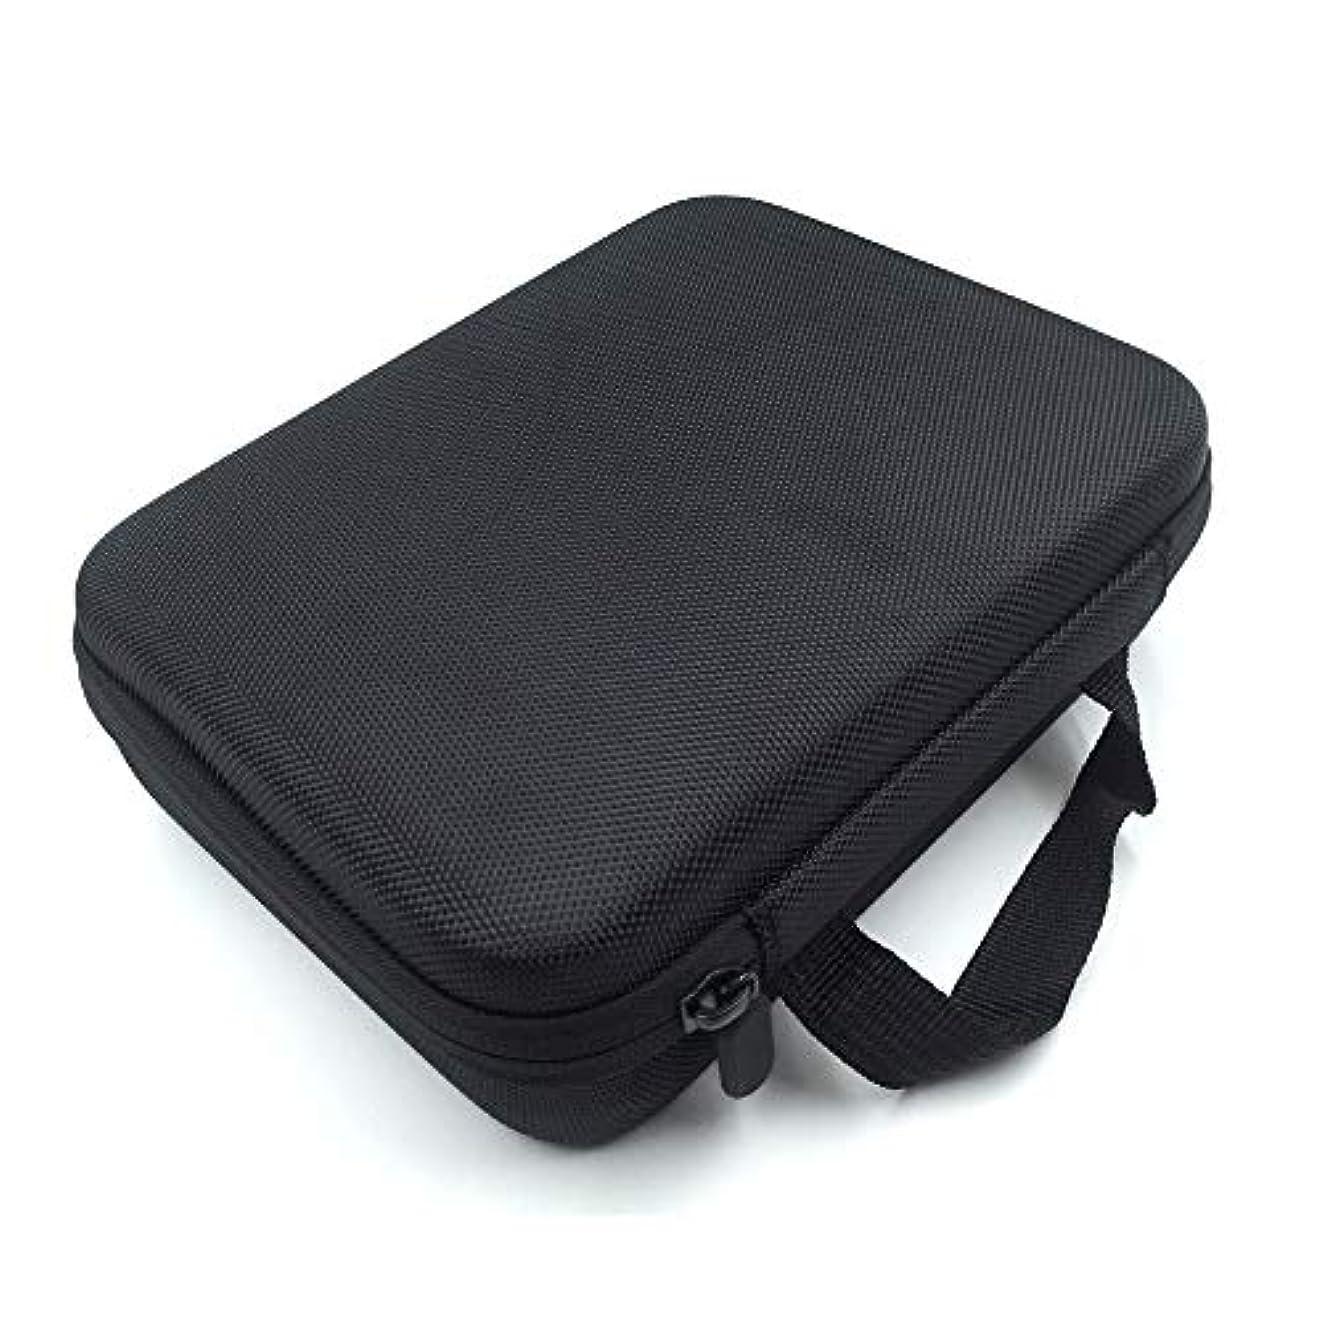 薄汚い時計回り理解[RADISSY] アロマポーチ エッセンシャルオイル ケース 収納ボックス メイクポーチ 30本用 (ブラック)